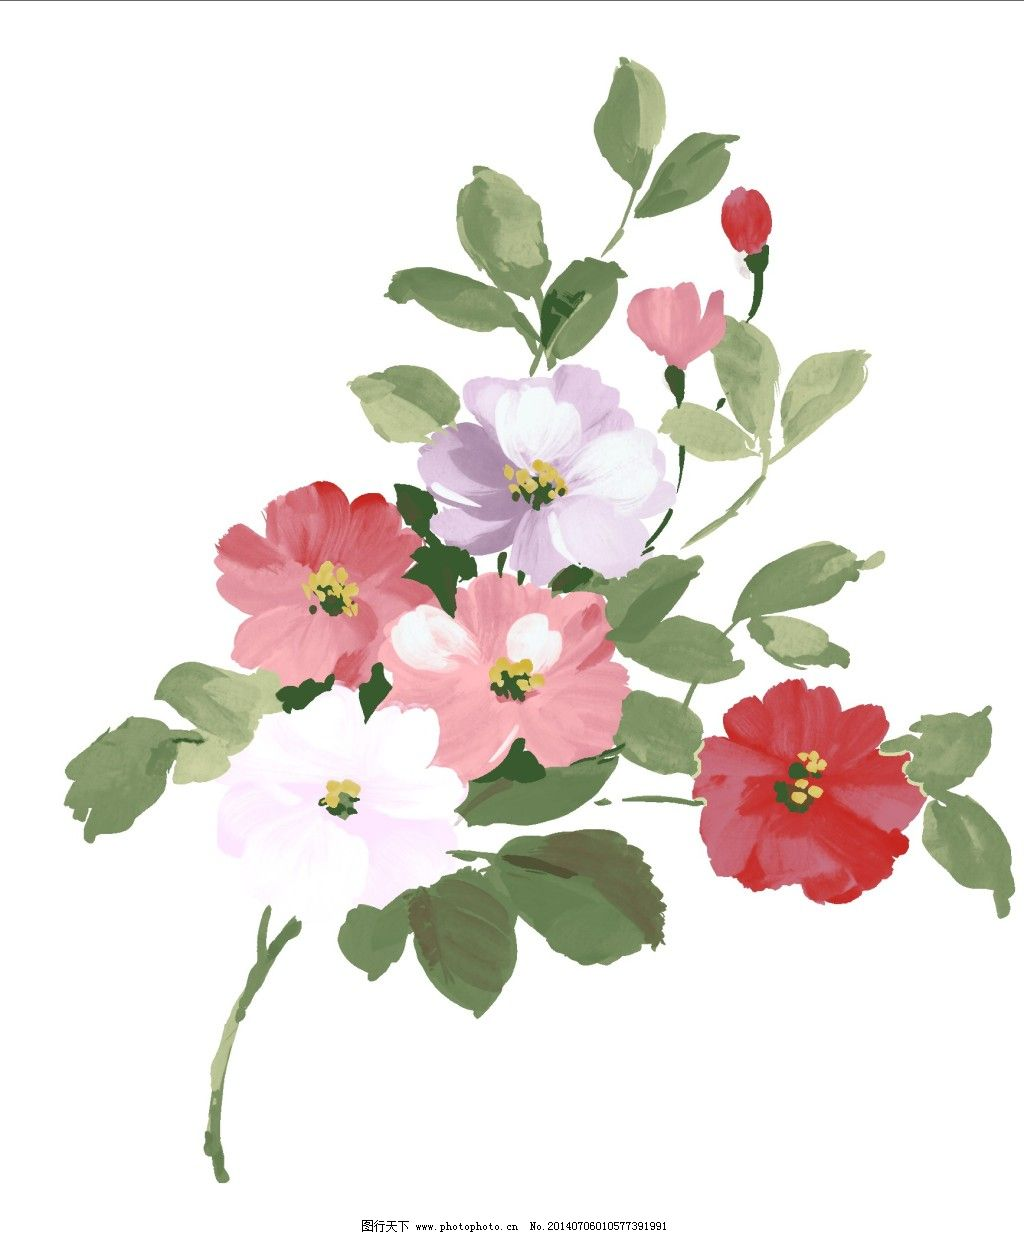 手绘图 手绘素材 多色花花卉 多色花psd分层素材 家居装饰素材 油画